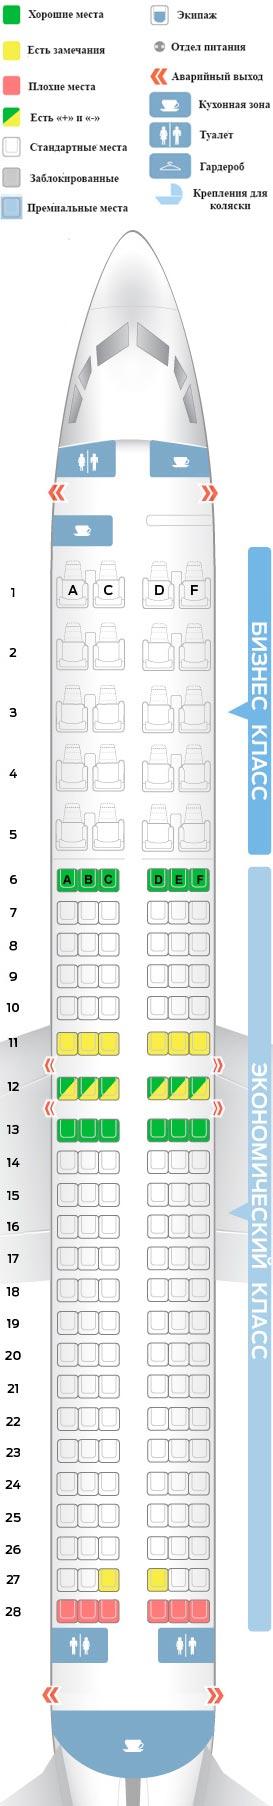 Расположение мест в самолете Боинг 737-800 Аэрофлот схема салона